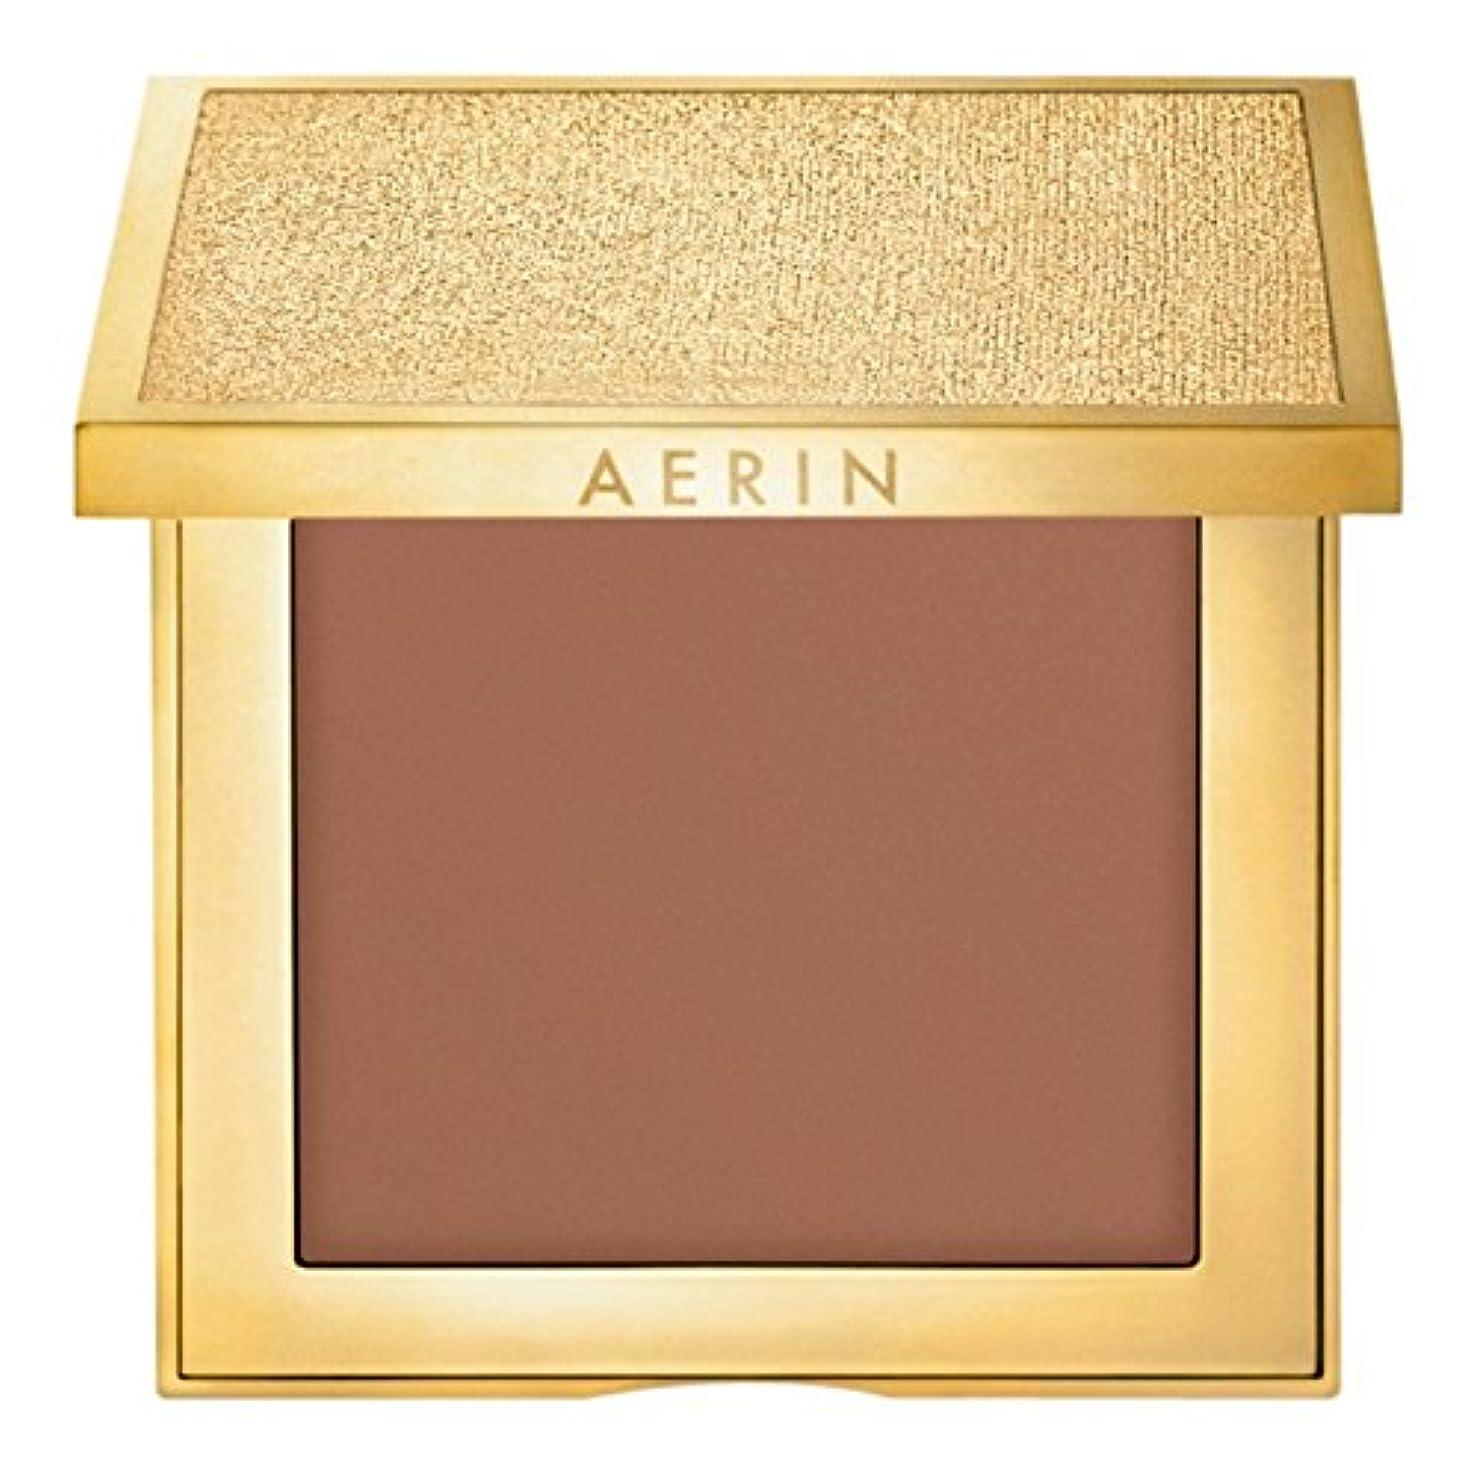 金額最大の出費Aerin新鮮な肌コンパクトメイクアップレベル6 (AERIN) - AERIN Fresh Skin Compact Makeup Level 6 [並行輸入品]